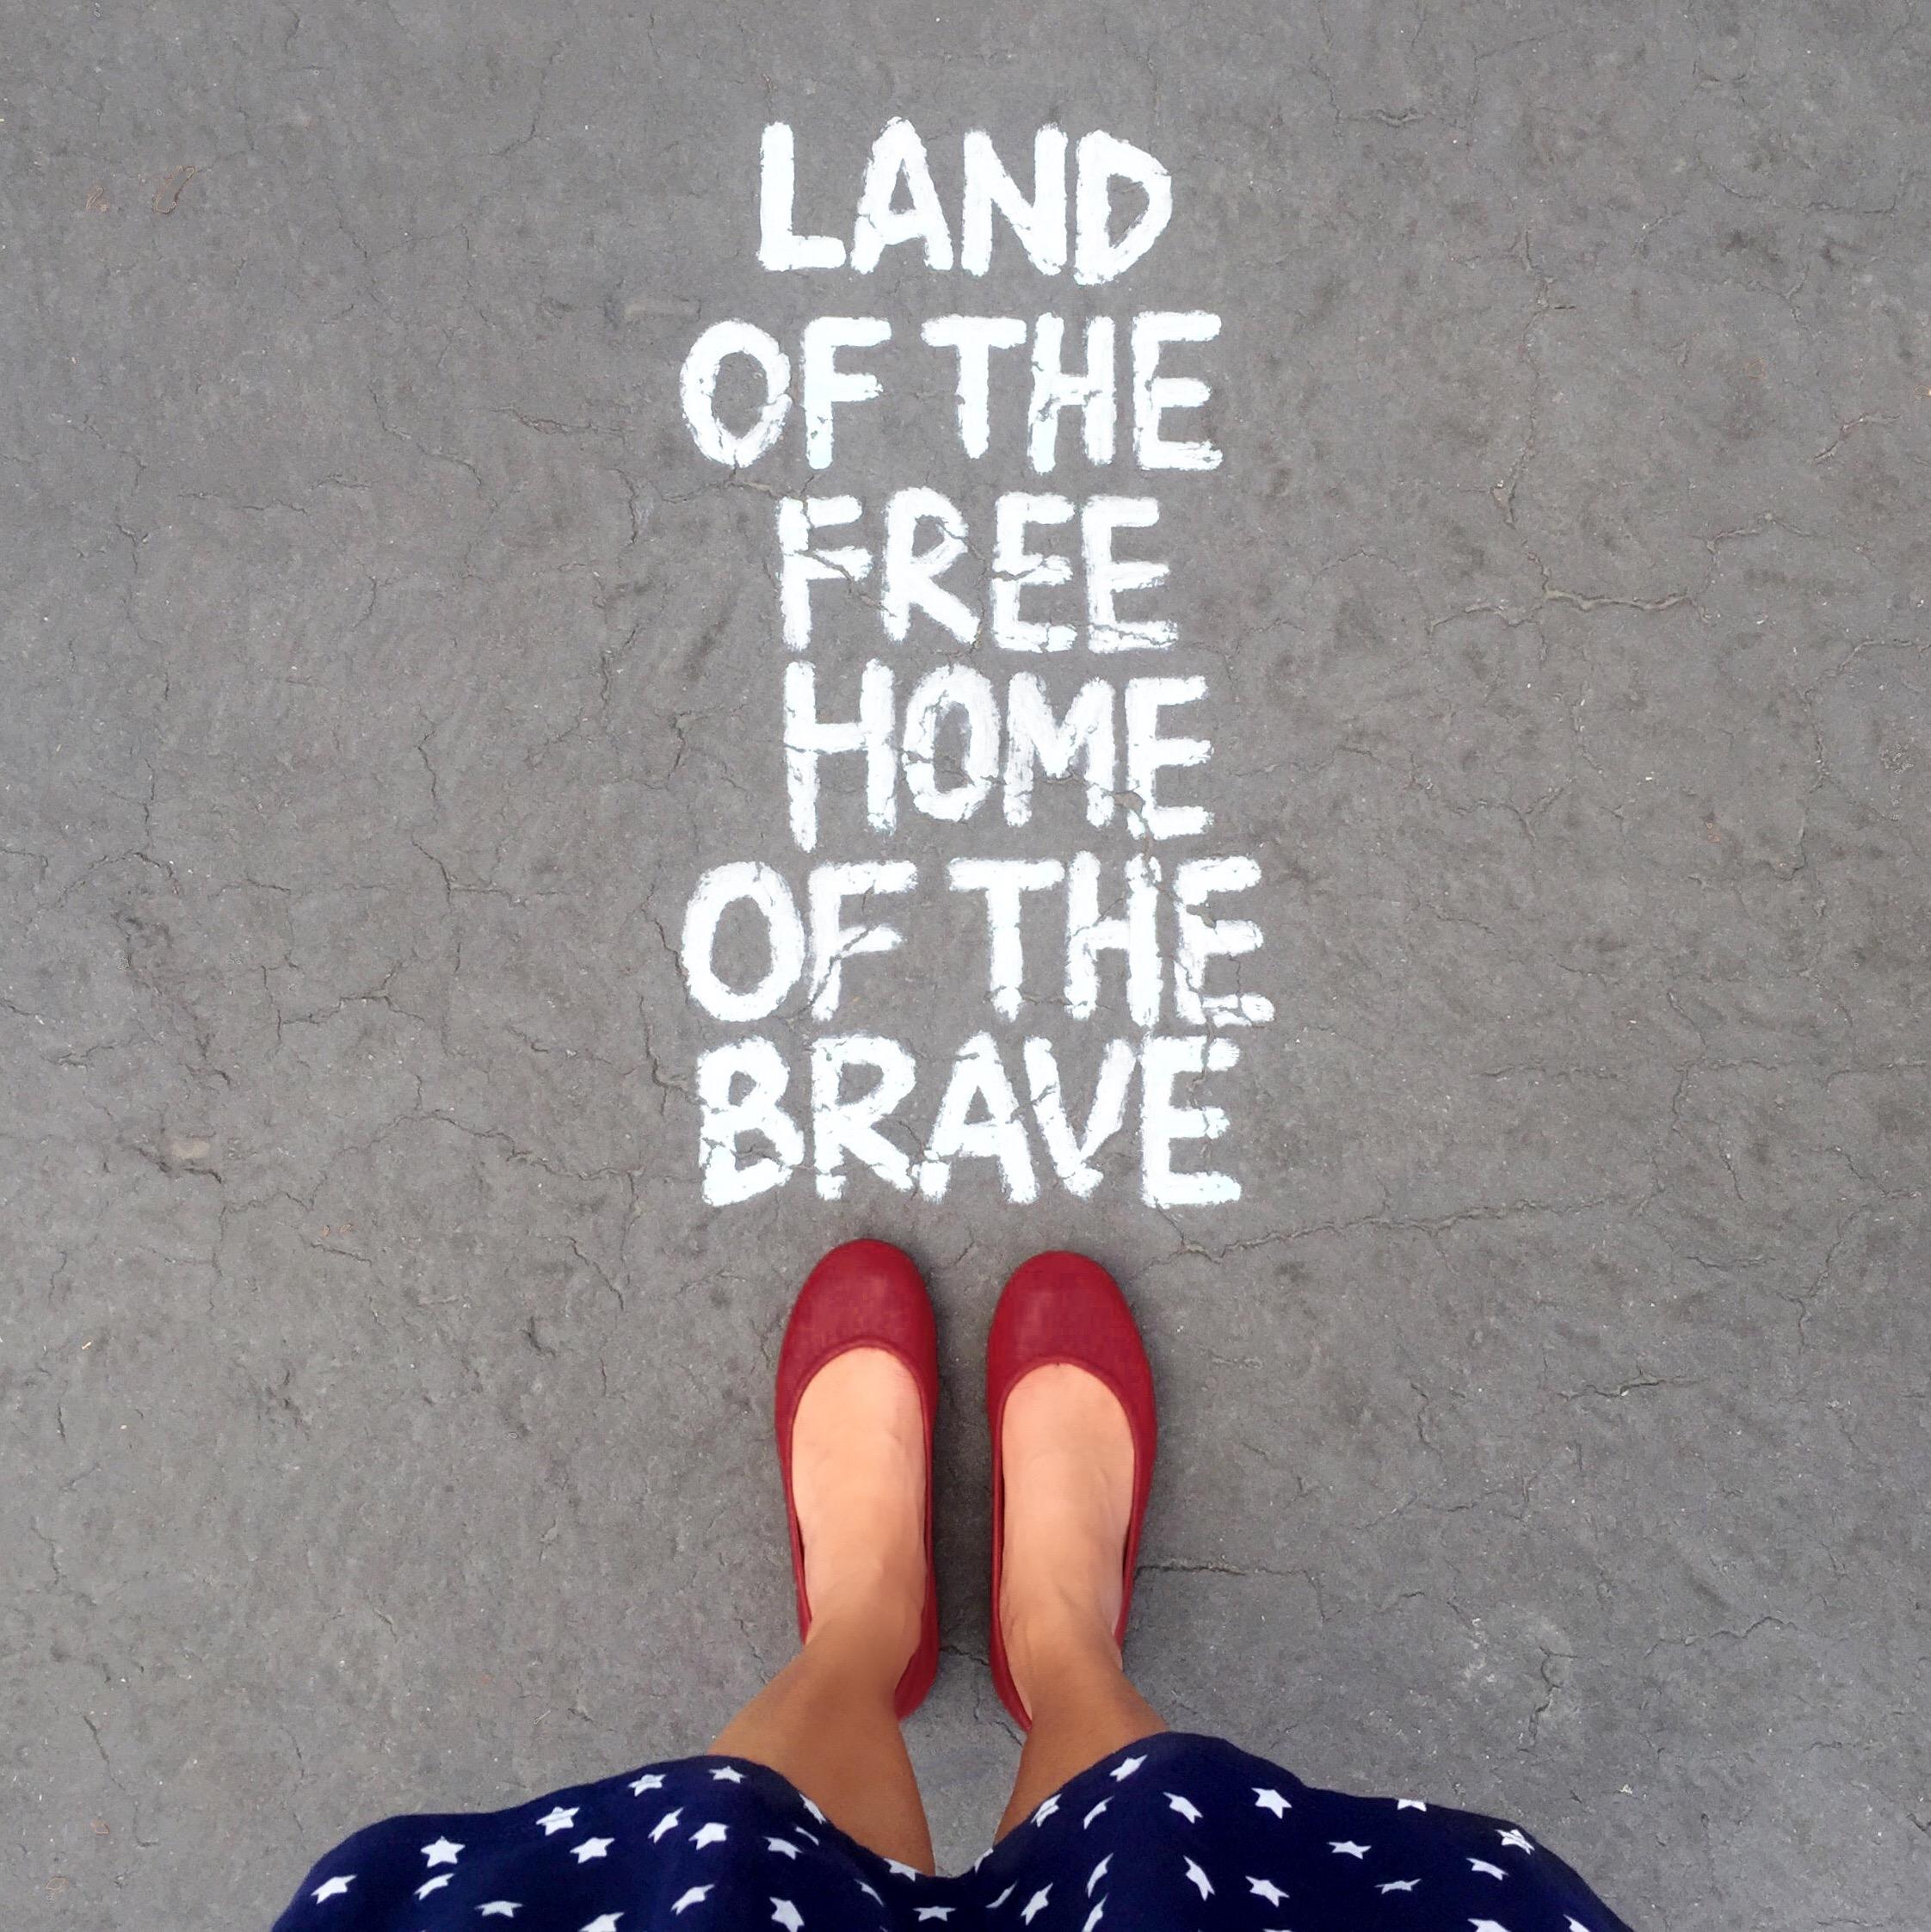 Amy Tangerine Painted Quote + Tieks